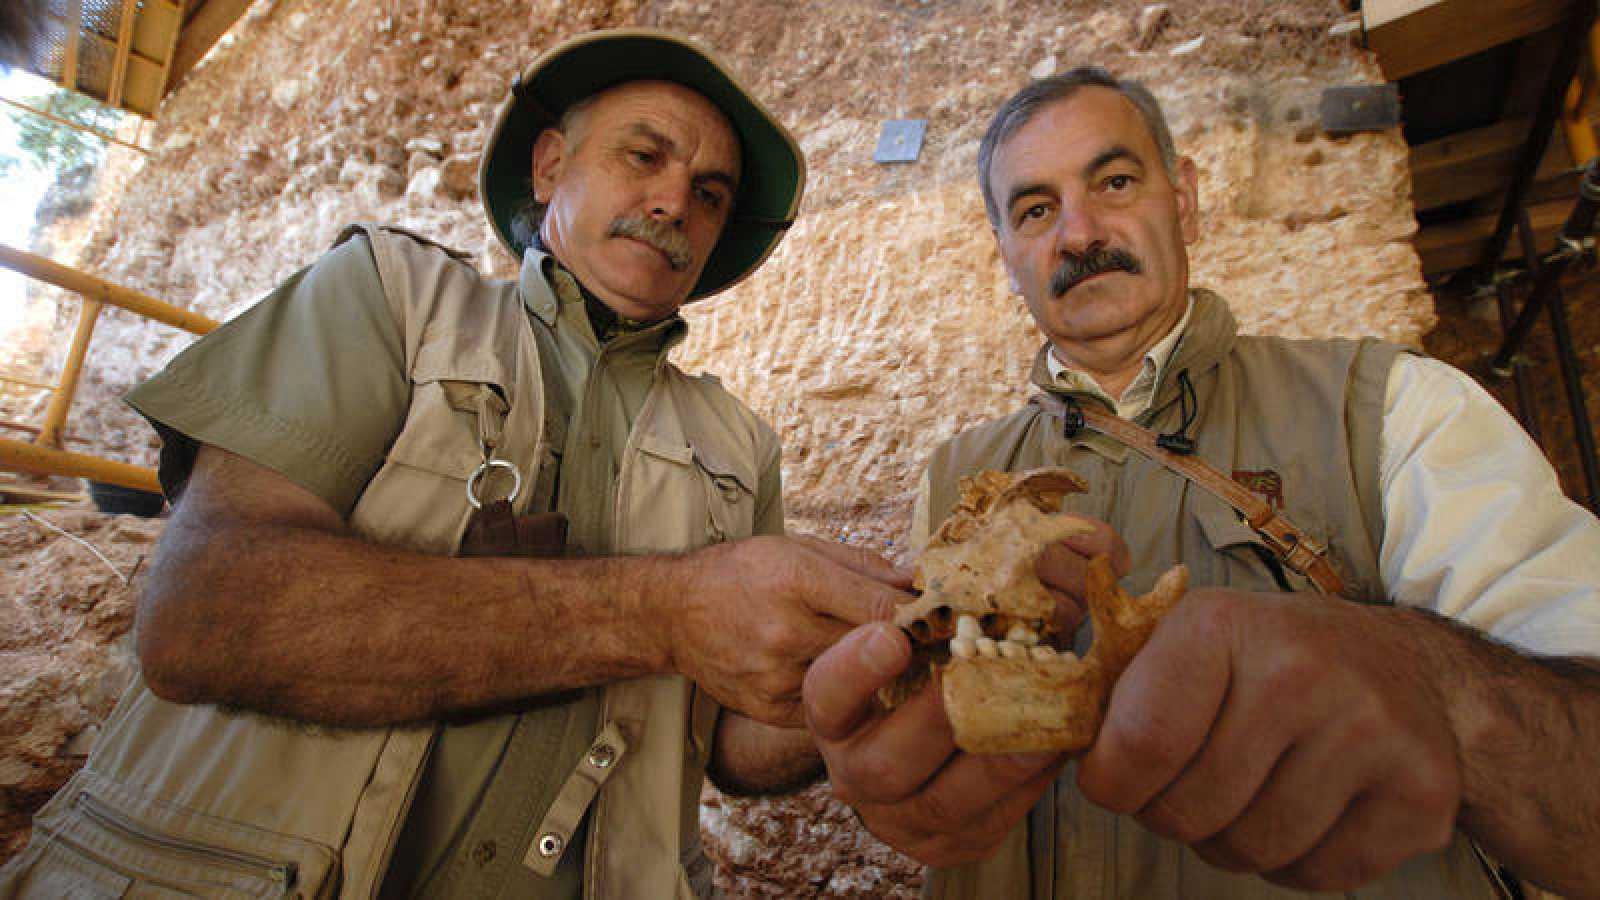 Foto de archivo de Eudald Carbonell (i) y José María Bermúdez de Castro con restos de Homo antecessor procedentes del nivel TD6 de Gran Dolina, en Atapuerca.